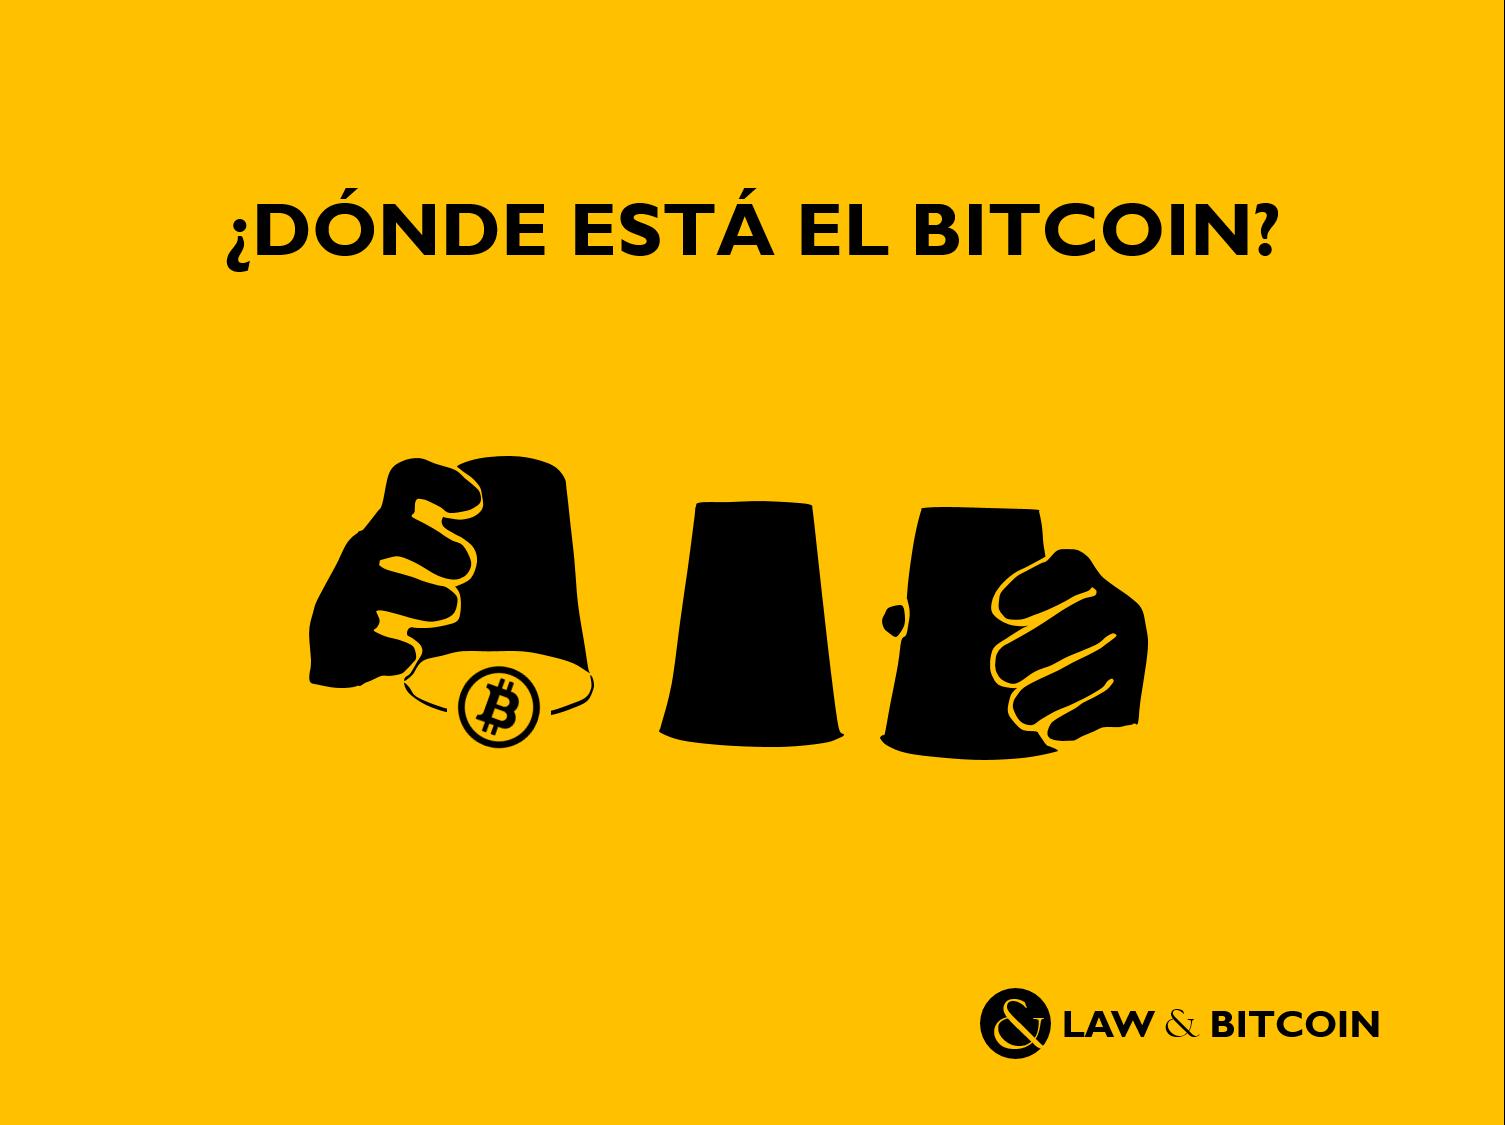 Dónde está Bitcoin